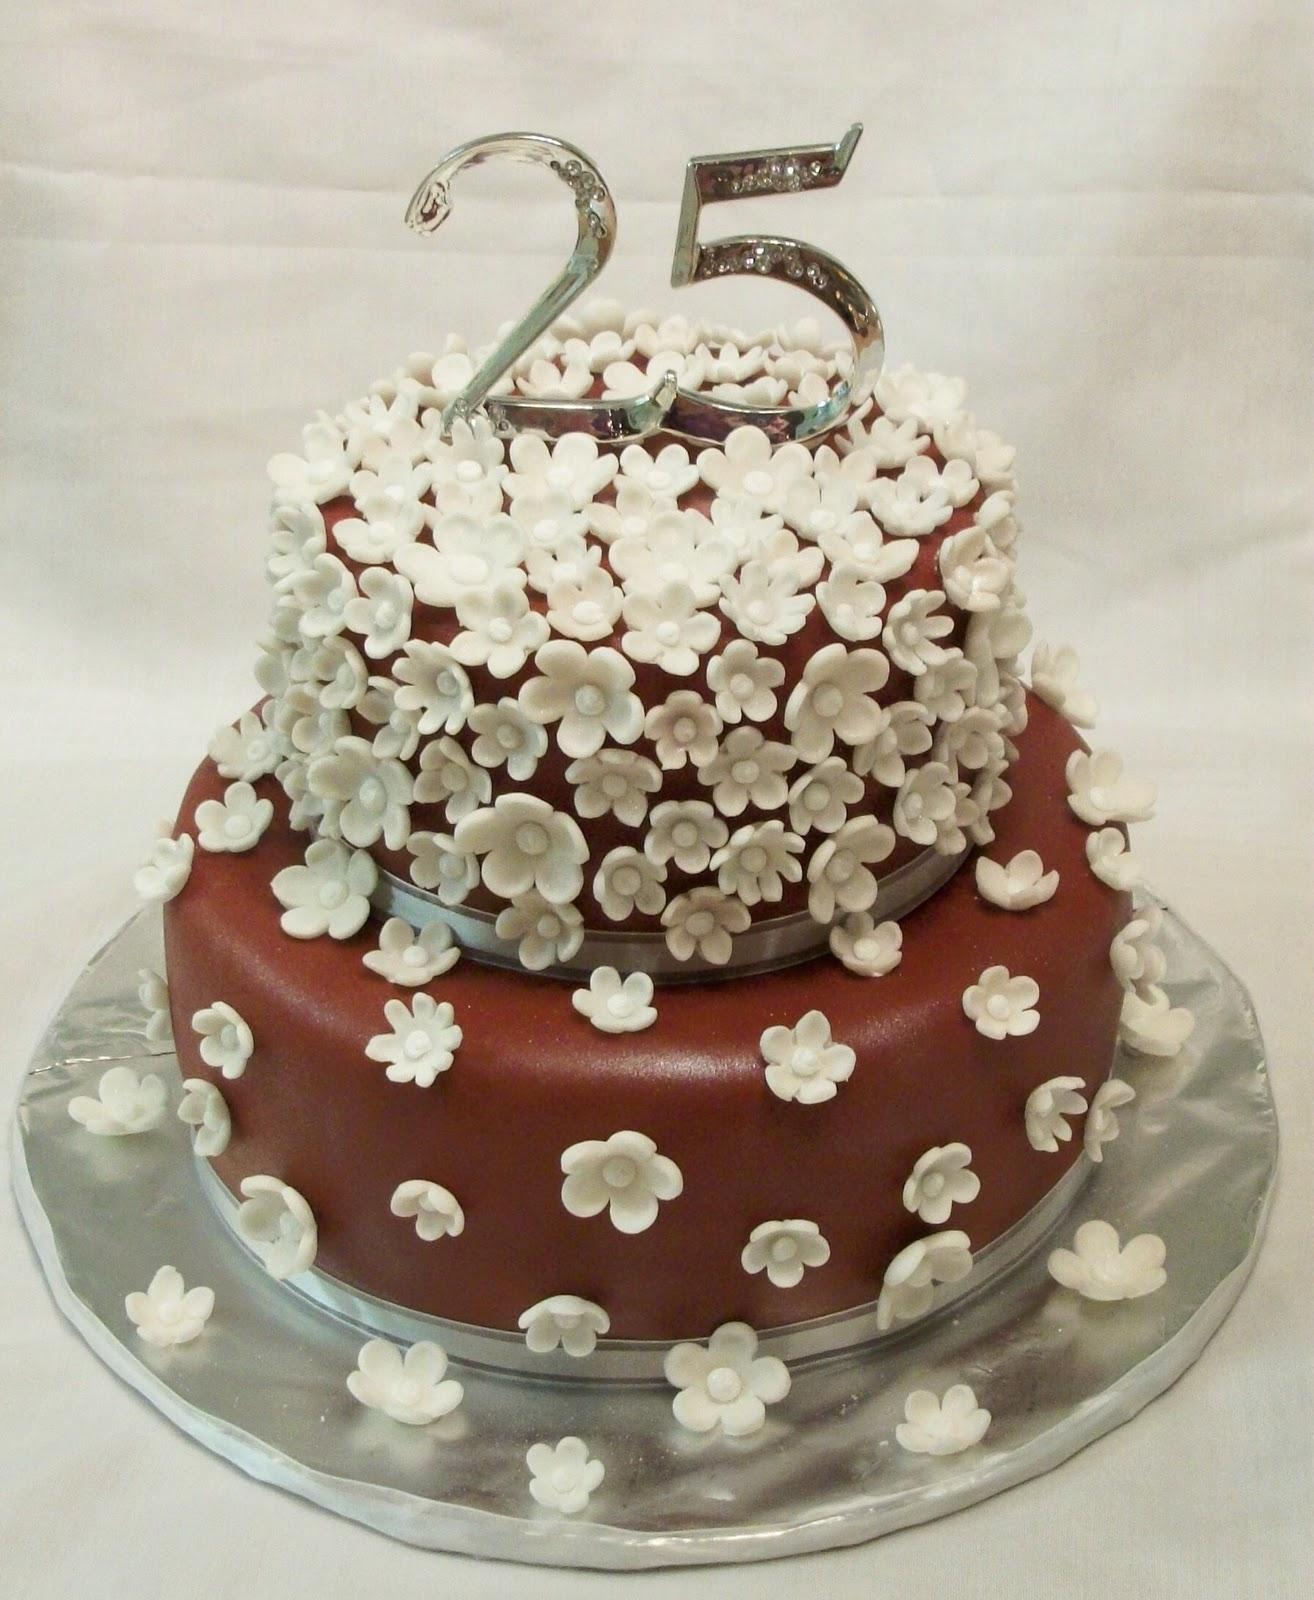 torta anniversario bellissima